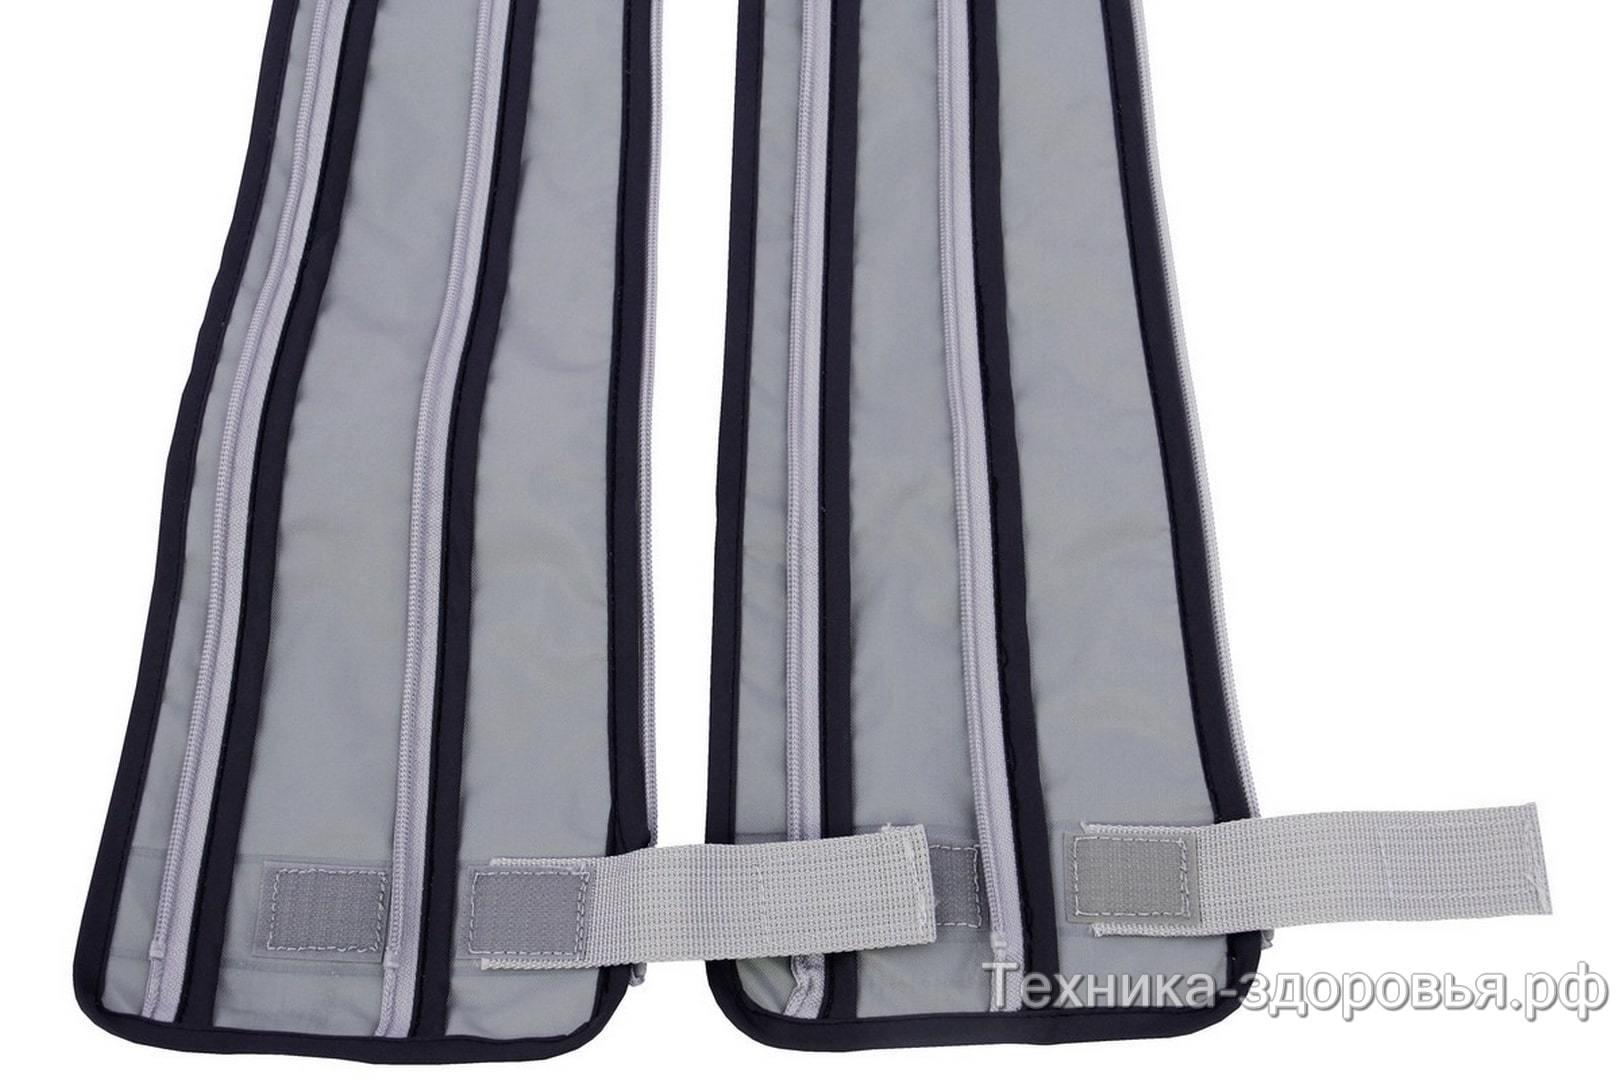 Комплект расширителей для манжет ног Seven Liner Zam Zam 6/12 см